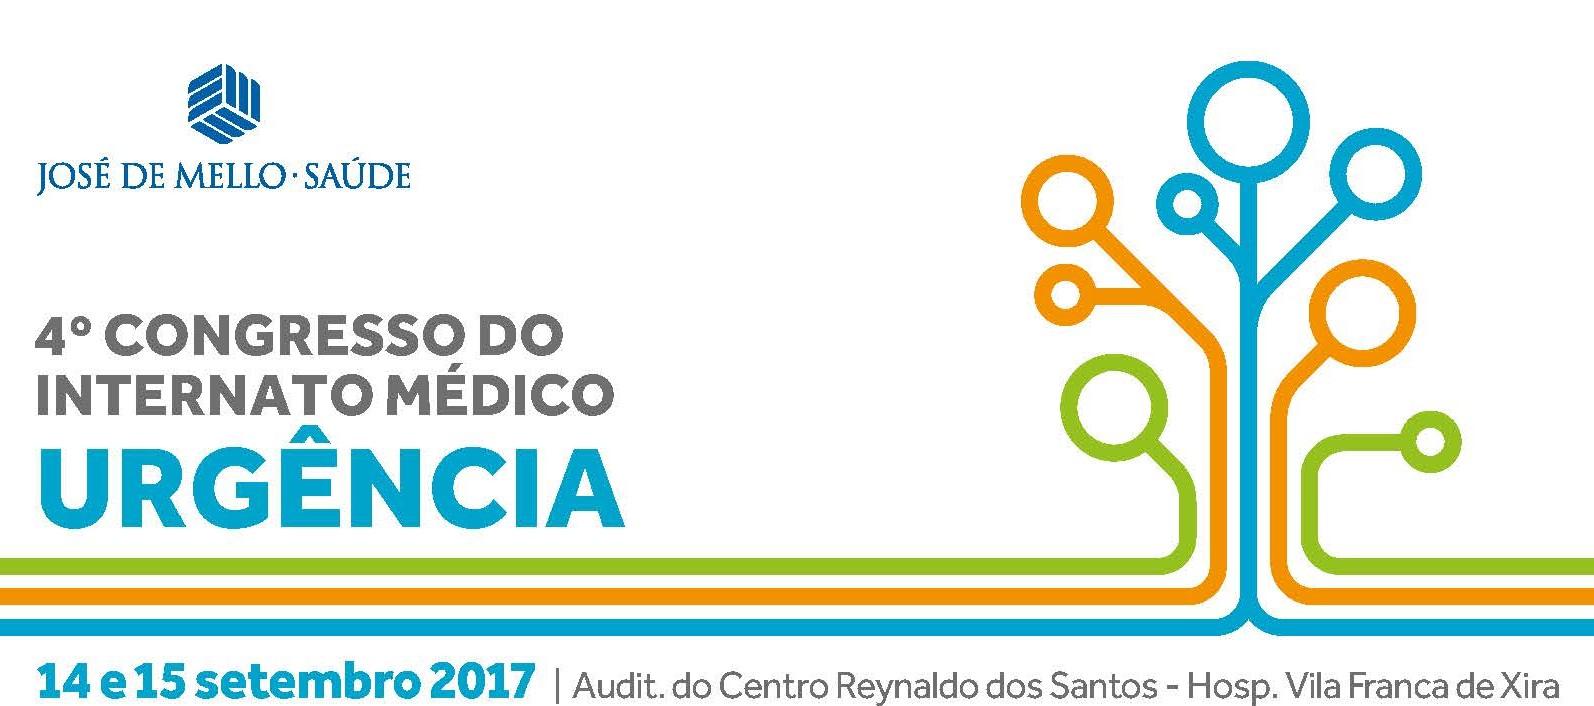 hospital-de-vila-franca-de-xira-4º Congresso do Internato Médico da José de Mello Saúde